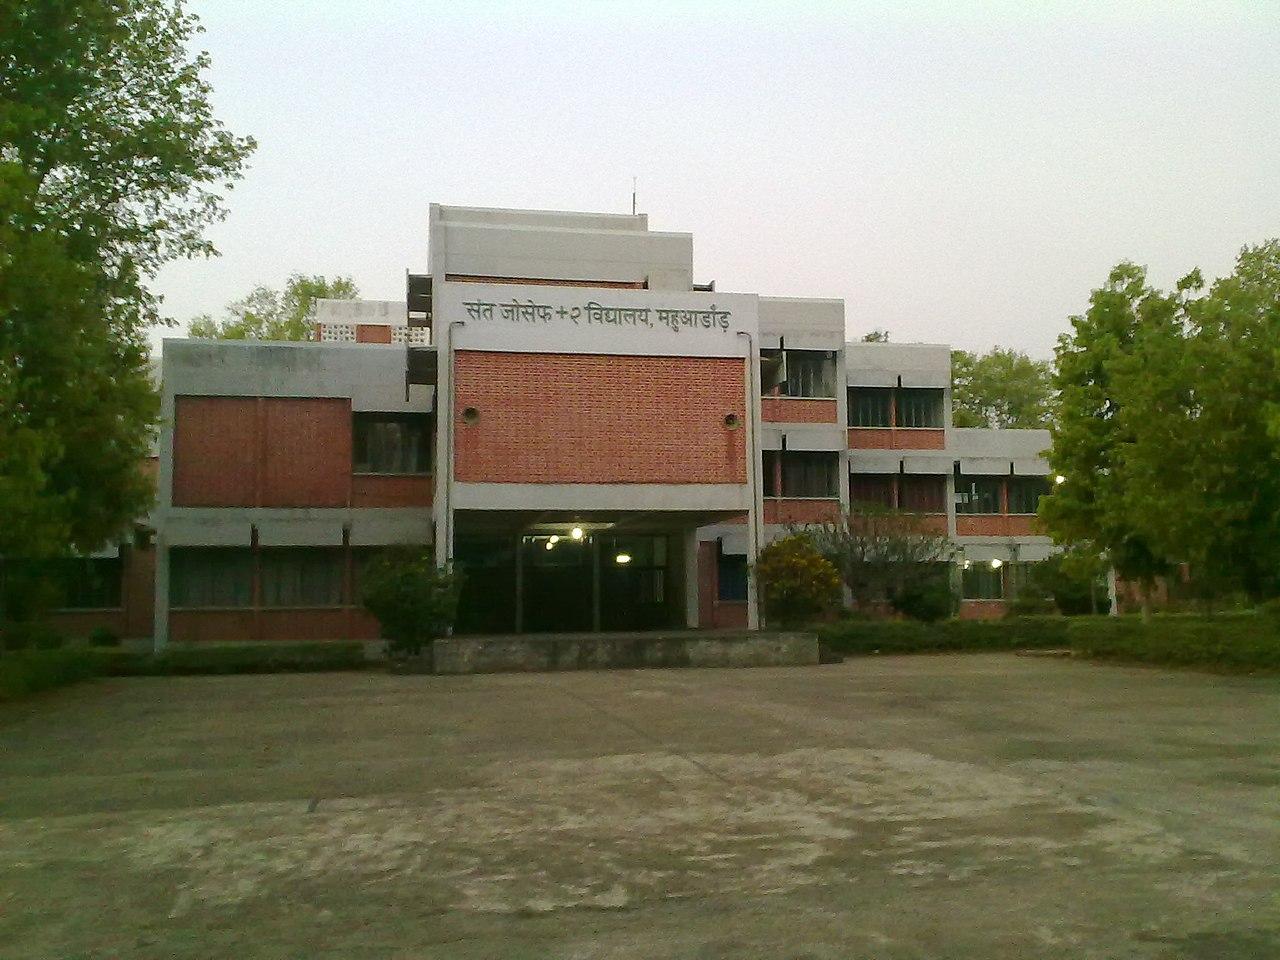 File:St.joseph-2school,mahuadanr - panoramio.jpg